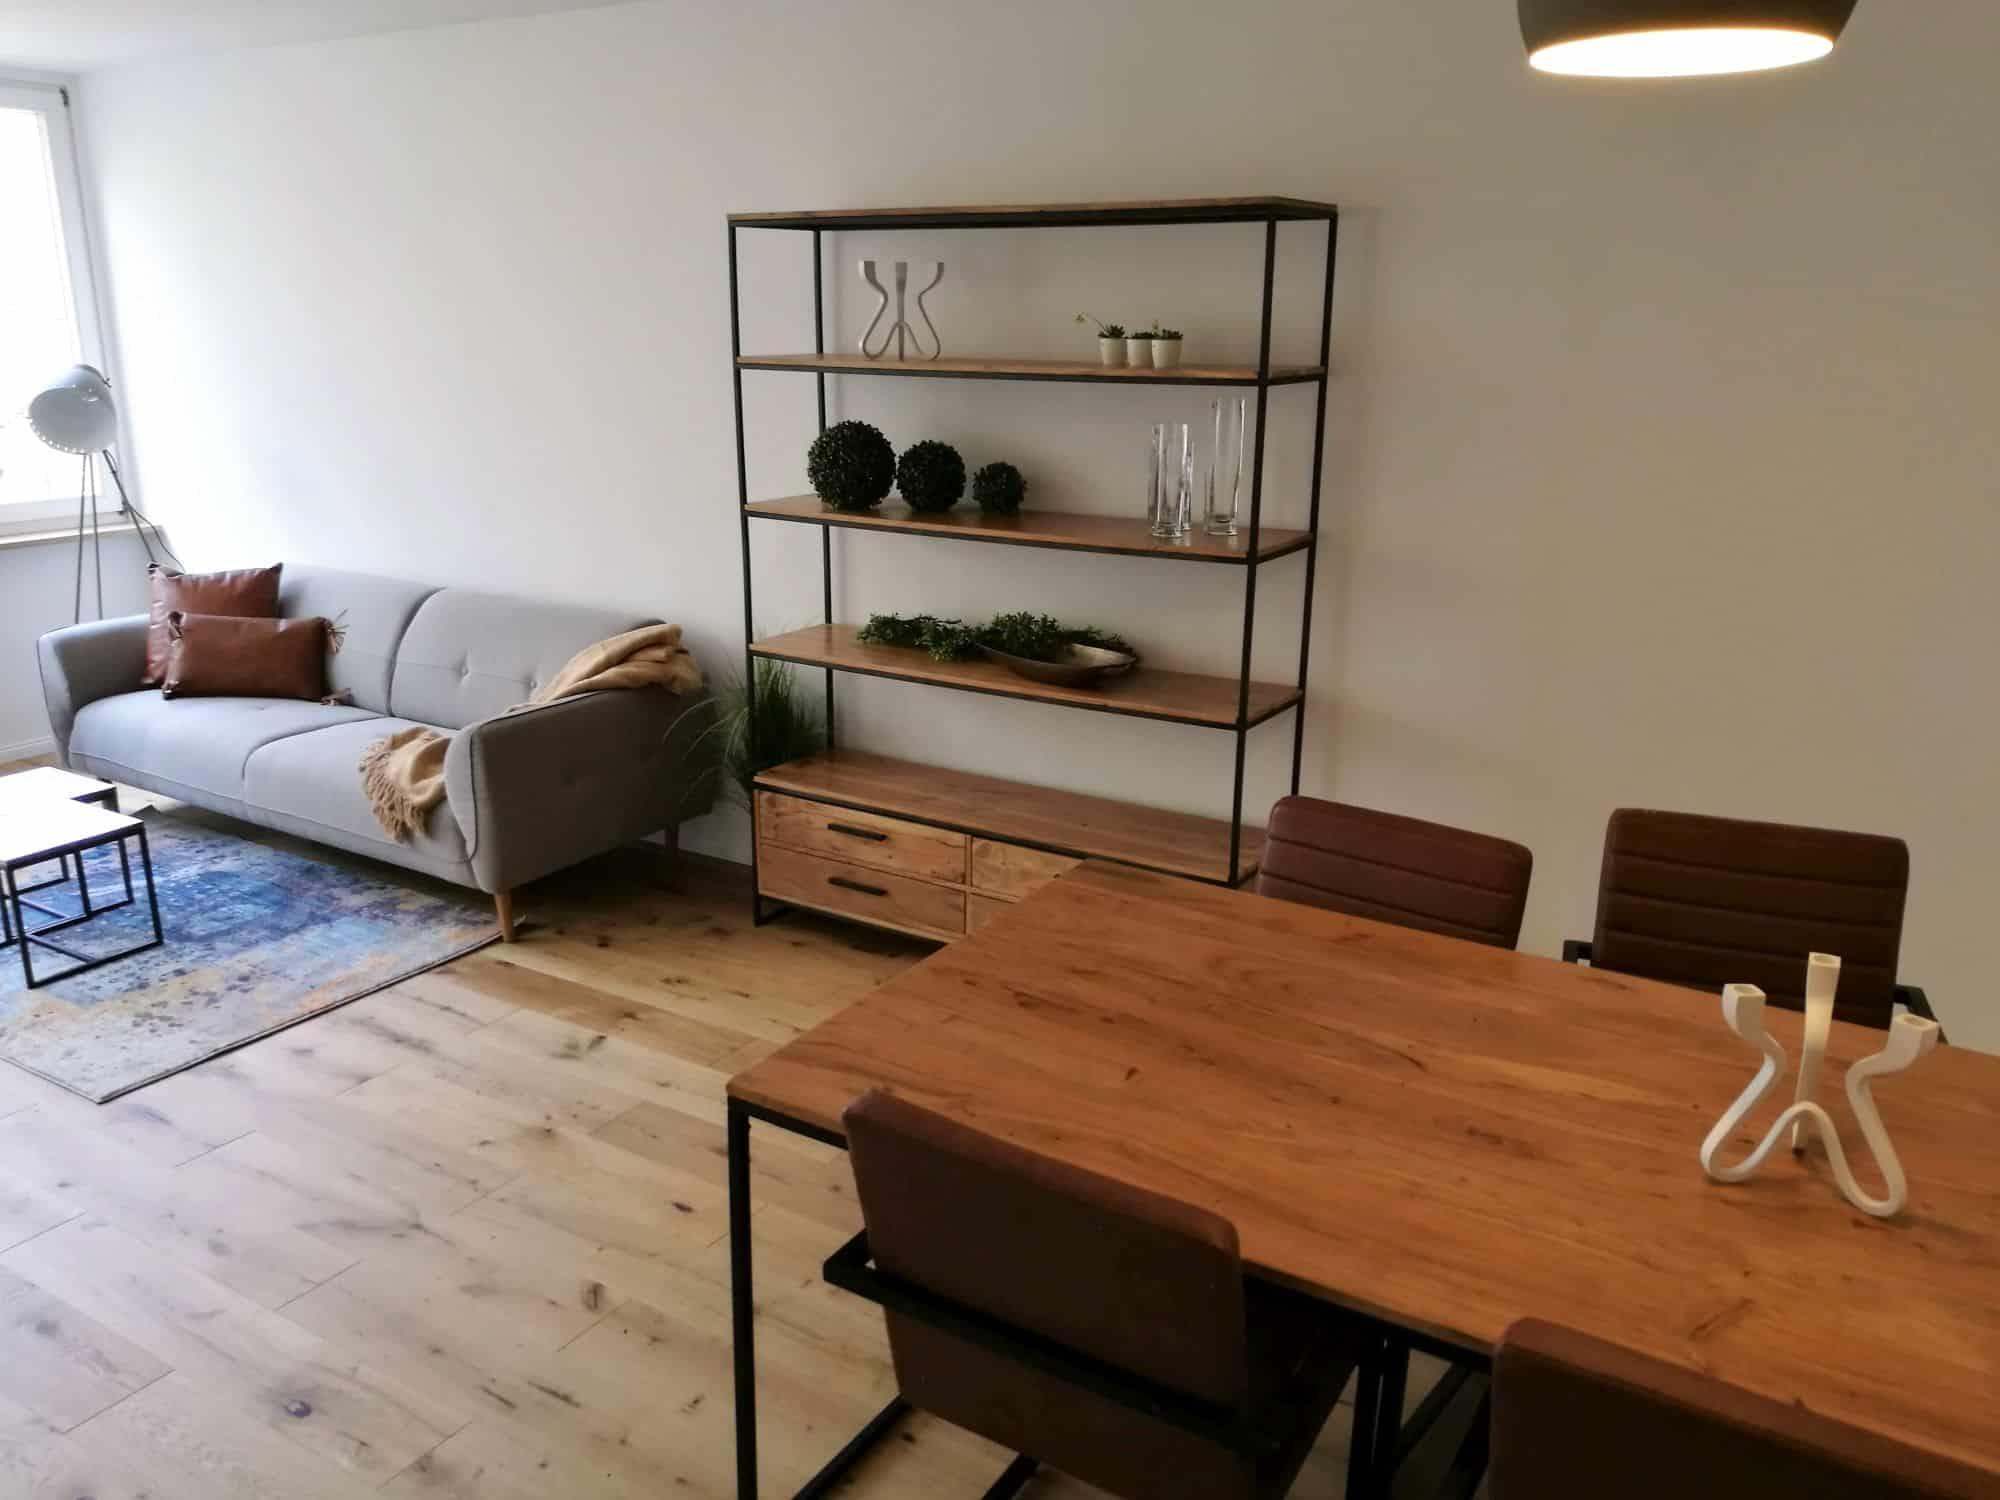 Eigentumswohnung in Hamburg Eppendorf direkt vom Eigentümer - Wohnzimmeransicht 2